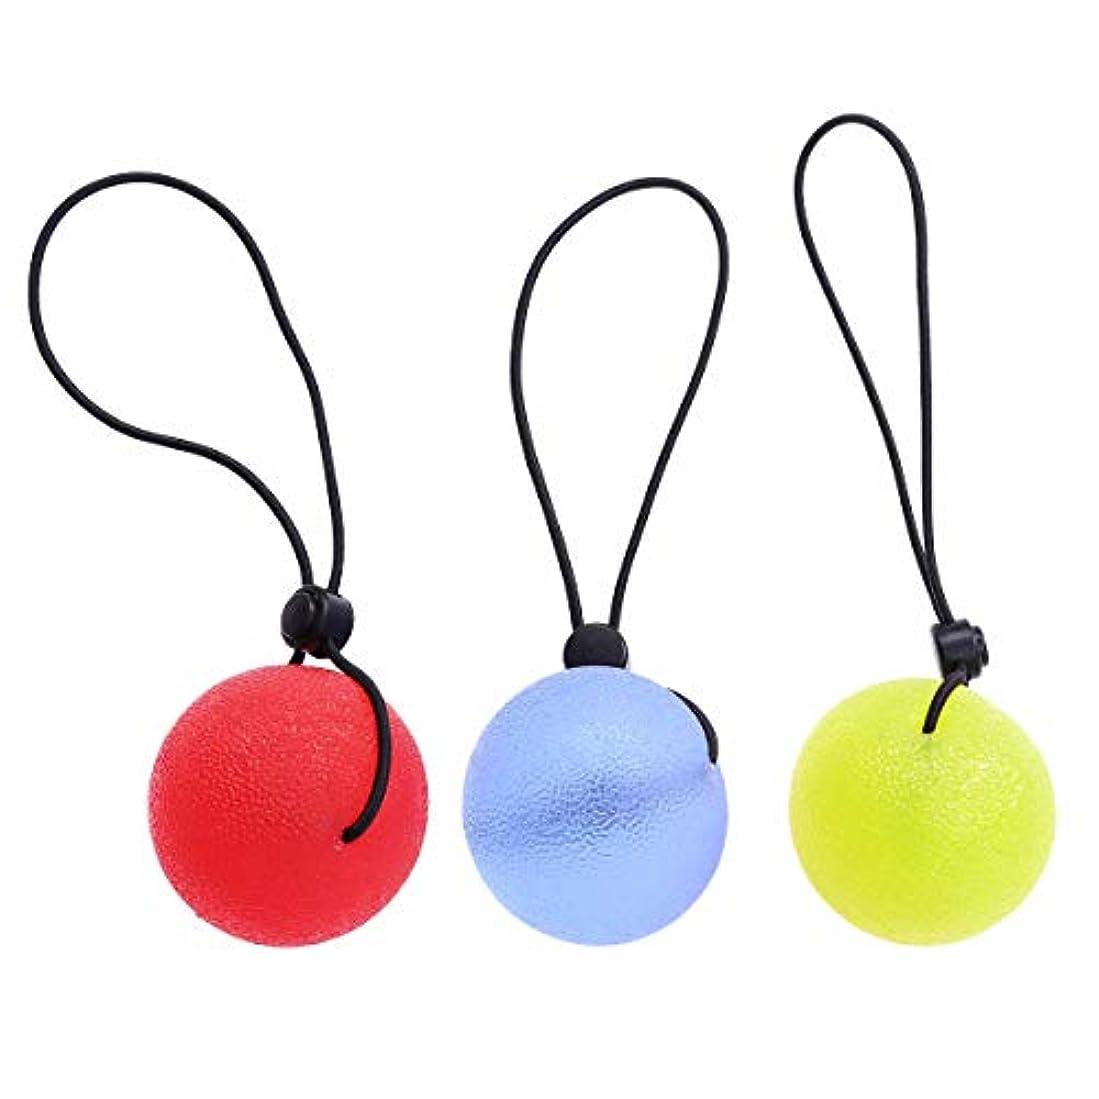 バッテリースクレーパー浸漬HEALIFTY ストレスリリーフボール、3本の指グリップボールセラピーエクササイズスクイズ卵ストレスボールストリングフィットネス機器(ランダムカラー)